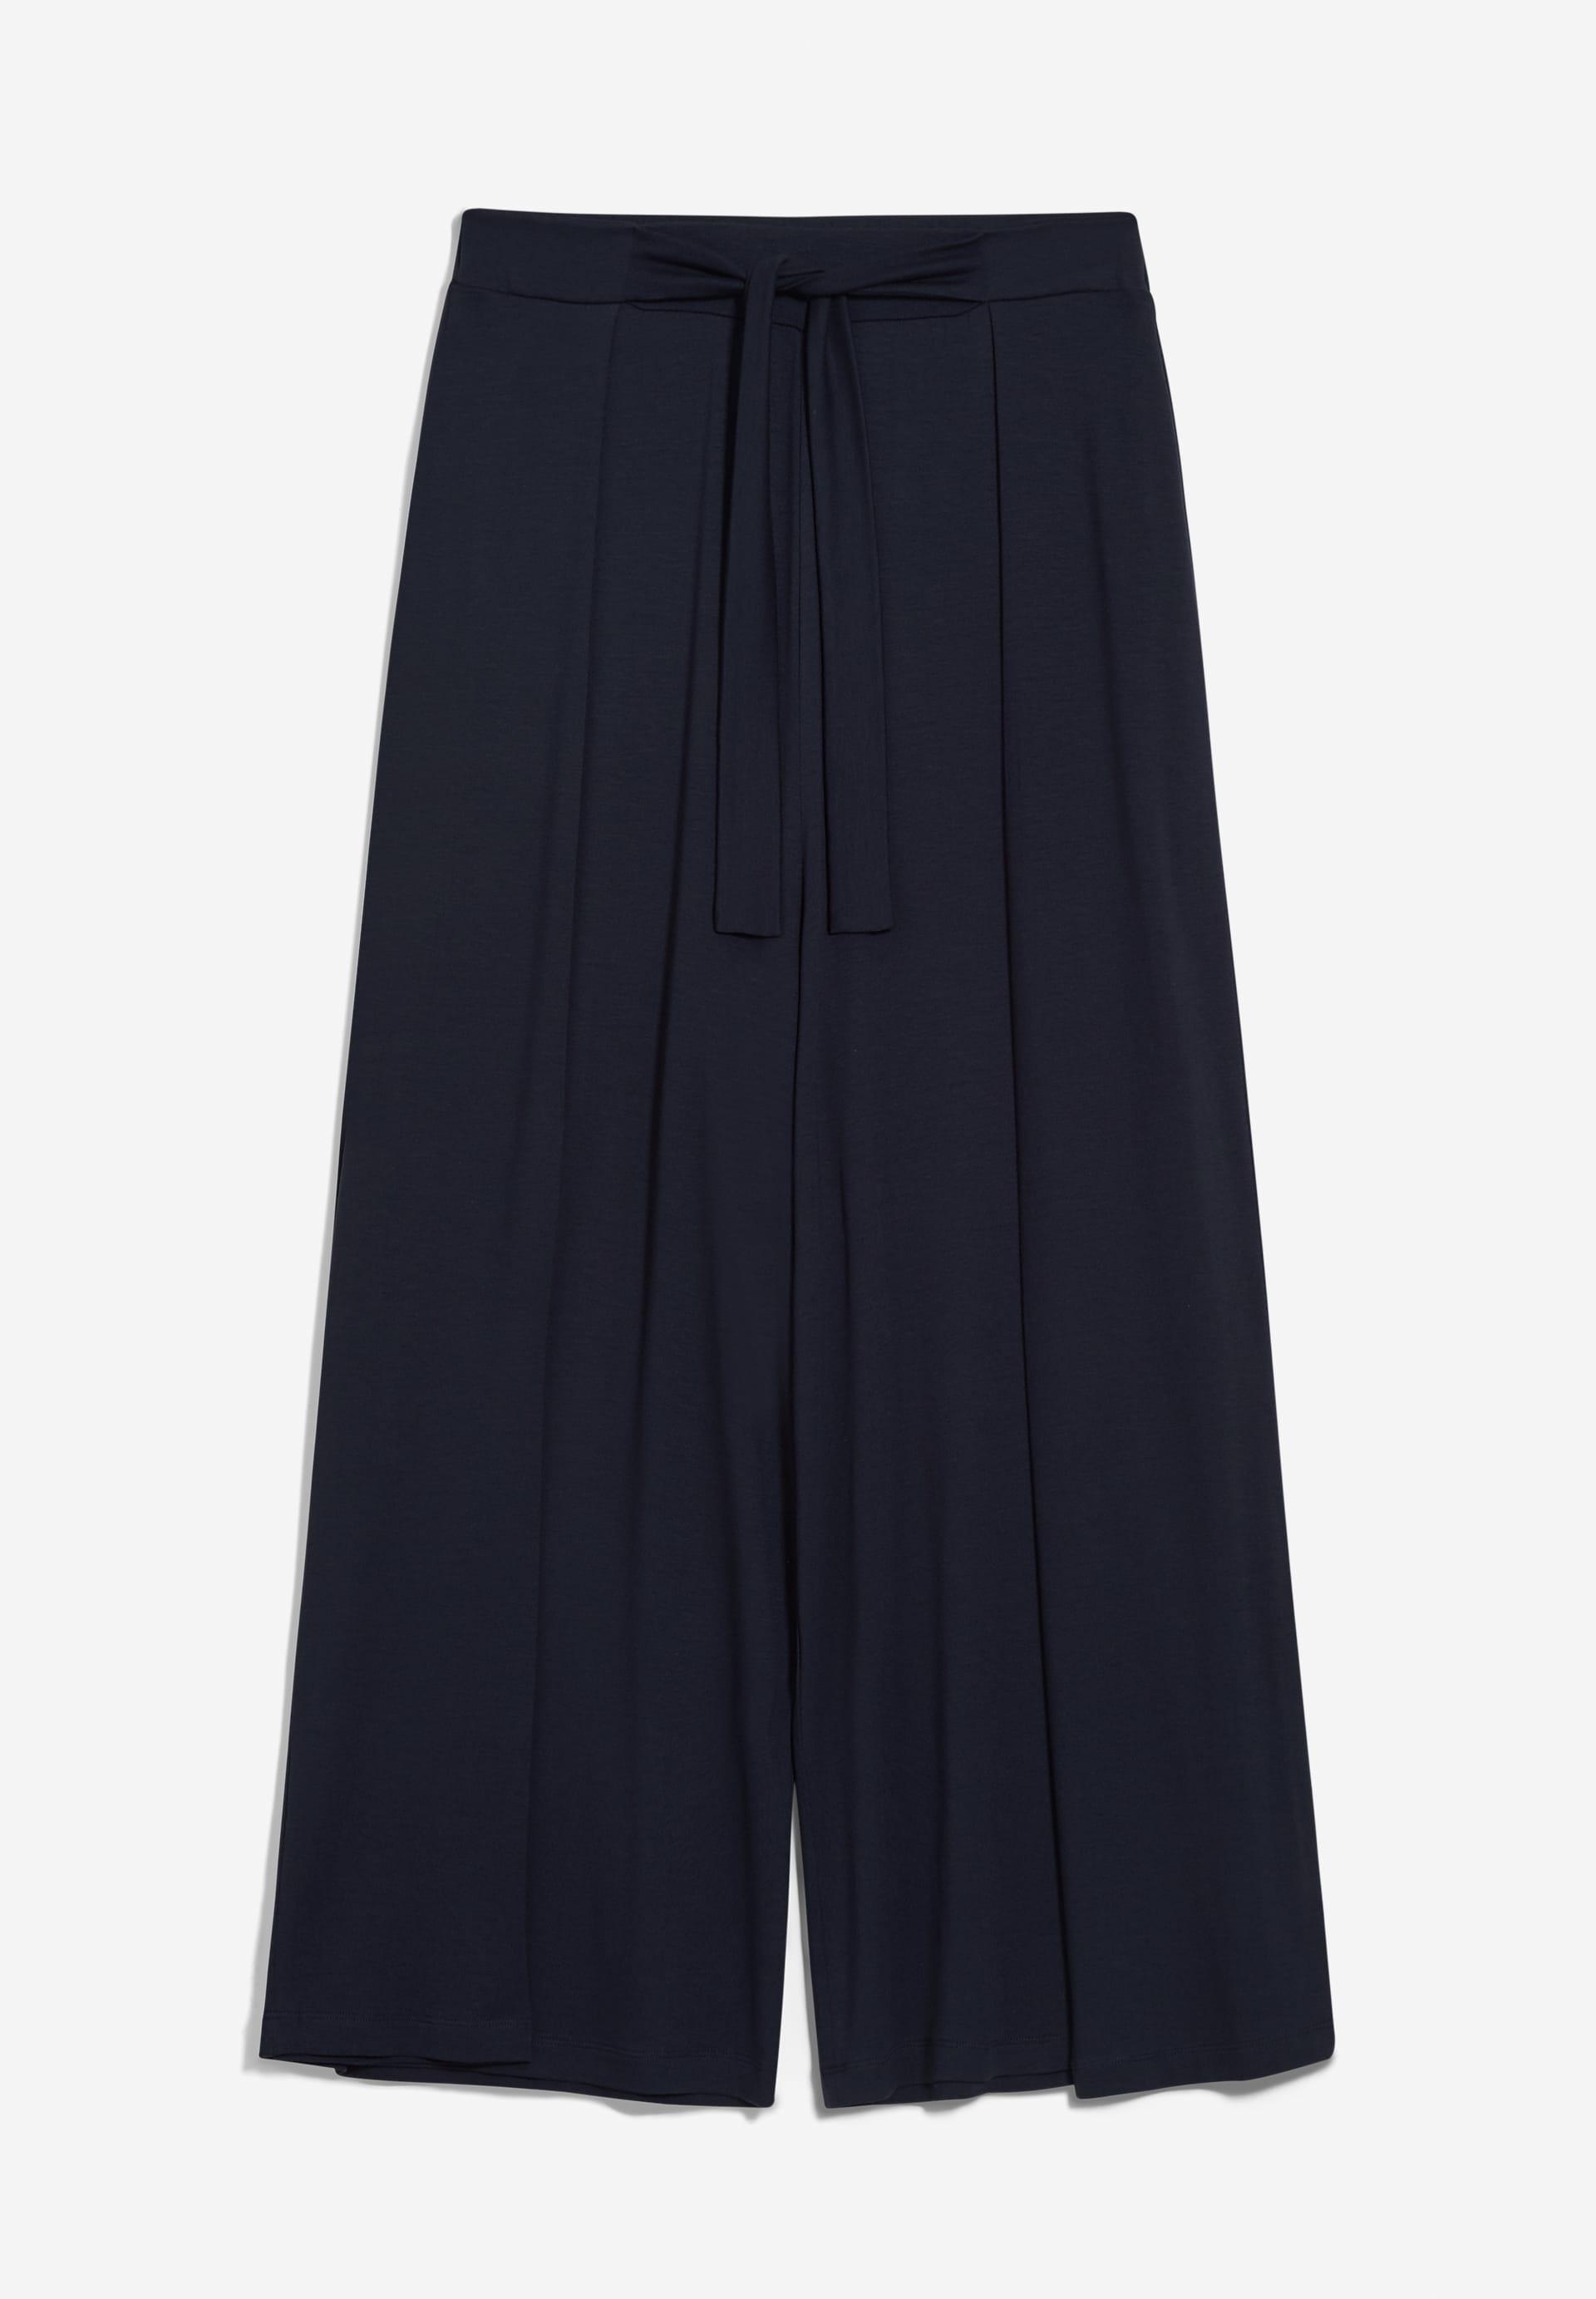 KAROLINAA Pantalon en LENZING™ ECOVERO™ mélangé